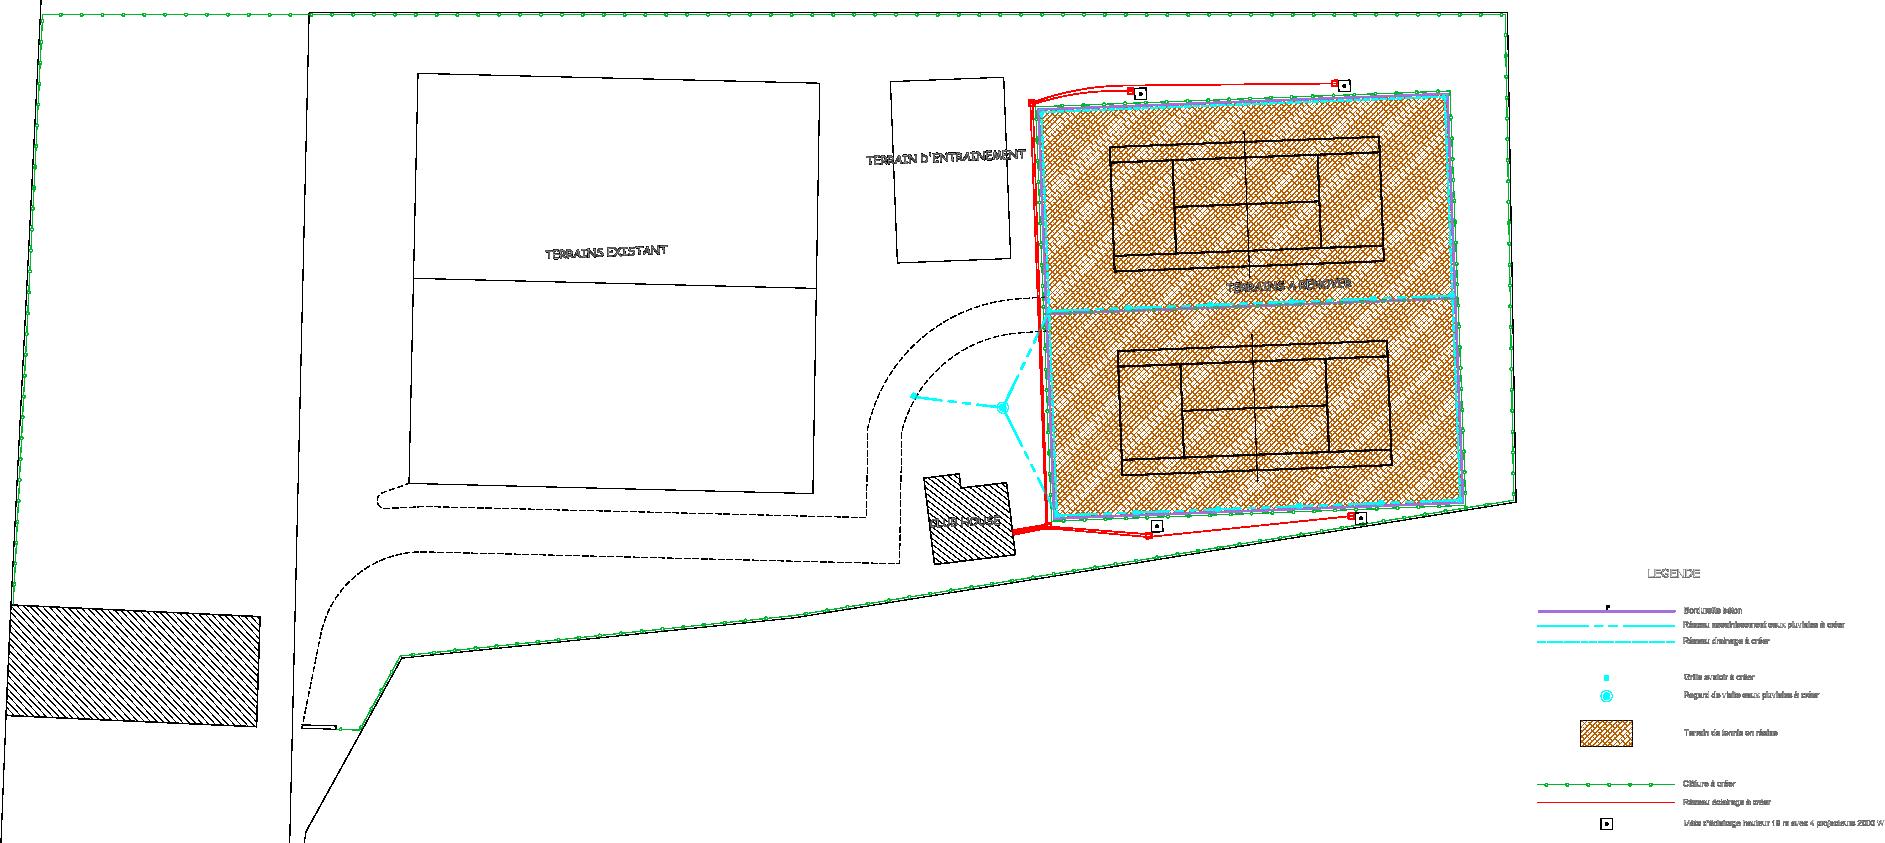 Plan projeté des terrains de tennis